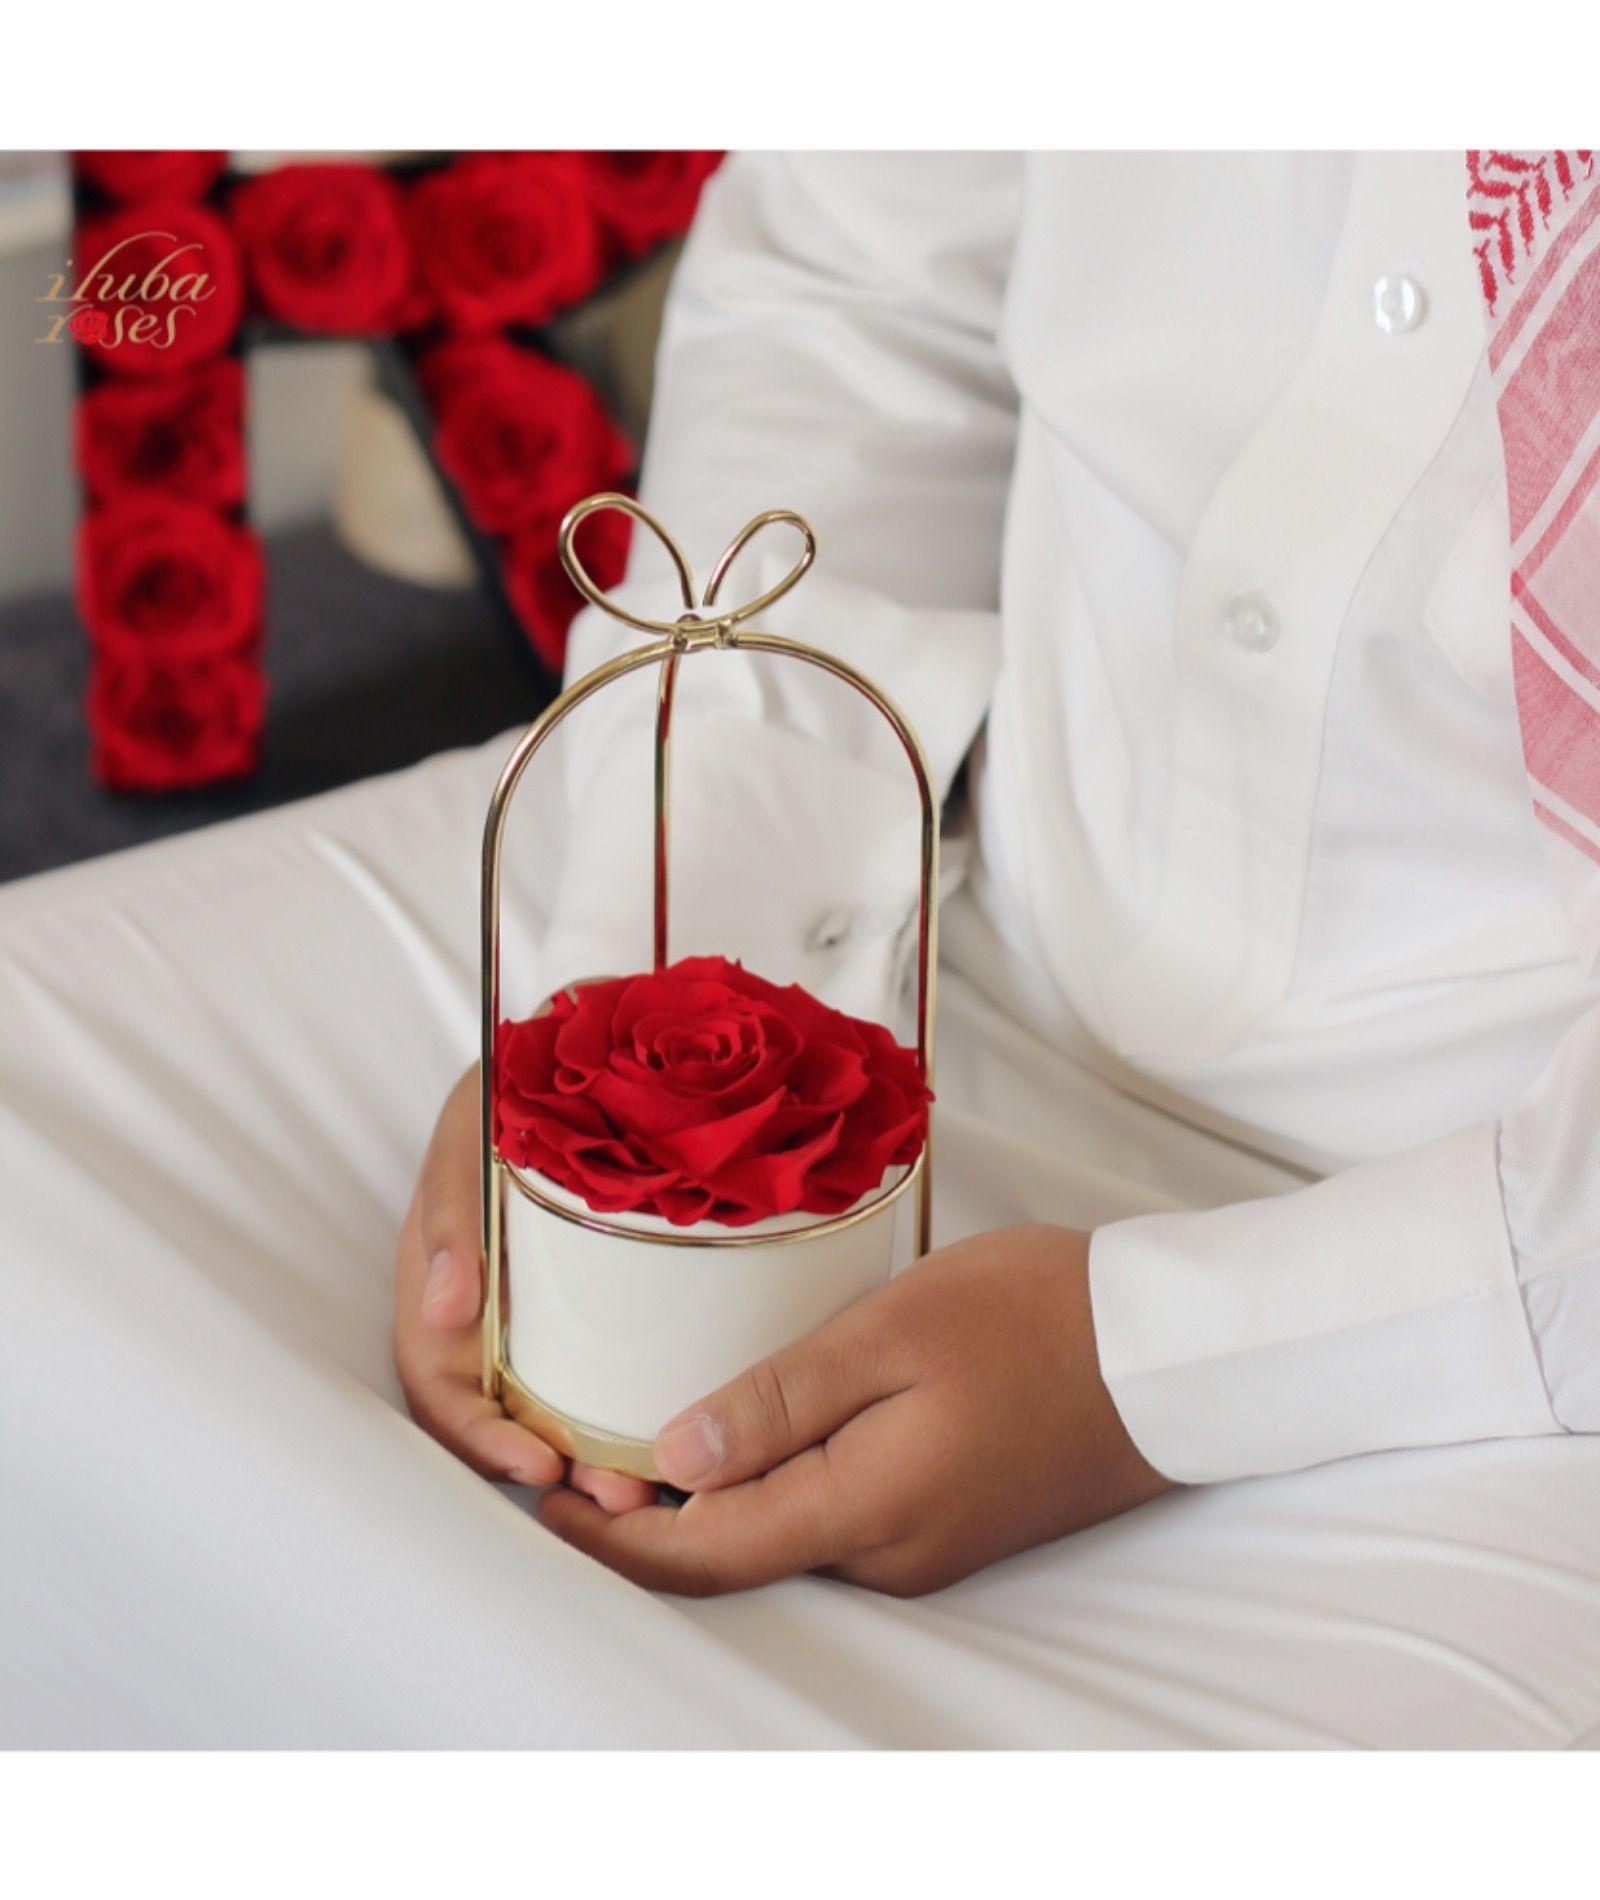 سلة فيونكة ورد ايلوبا روزز طبيعي دائم Ceramic Vase Rose Gift White Ceramic Vases